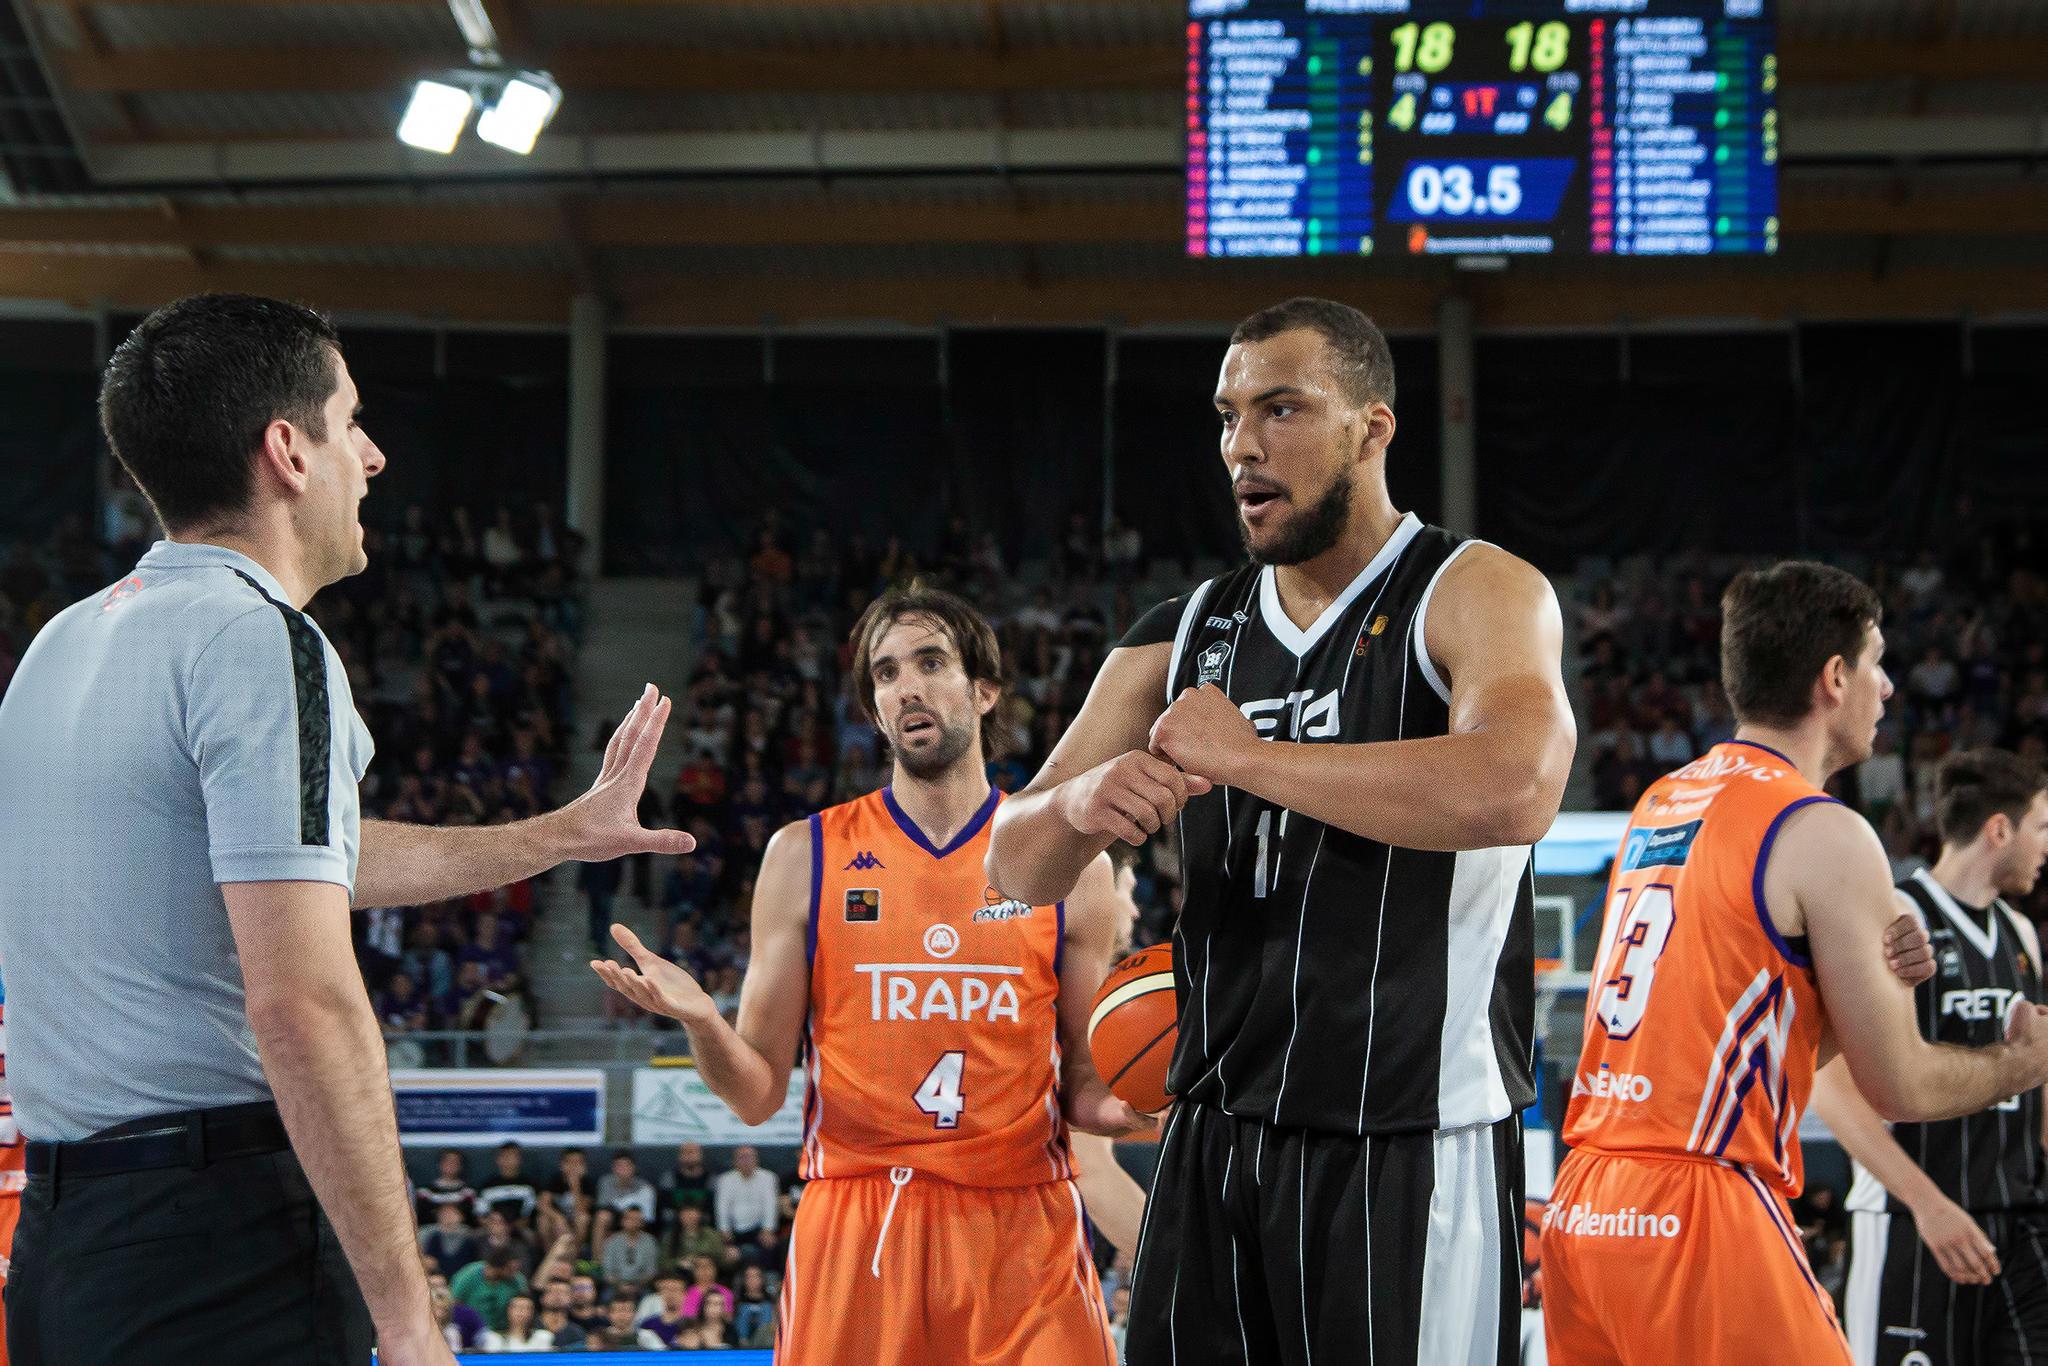 Larsen pide explicaciones al árbitro  | Foto: Luis Fernando Boo.